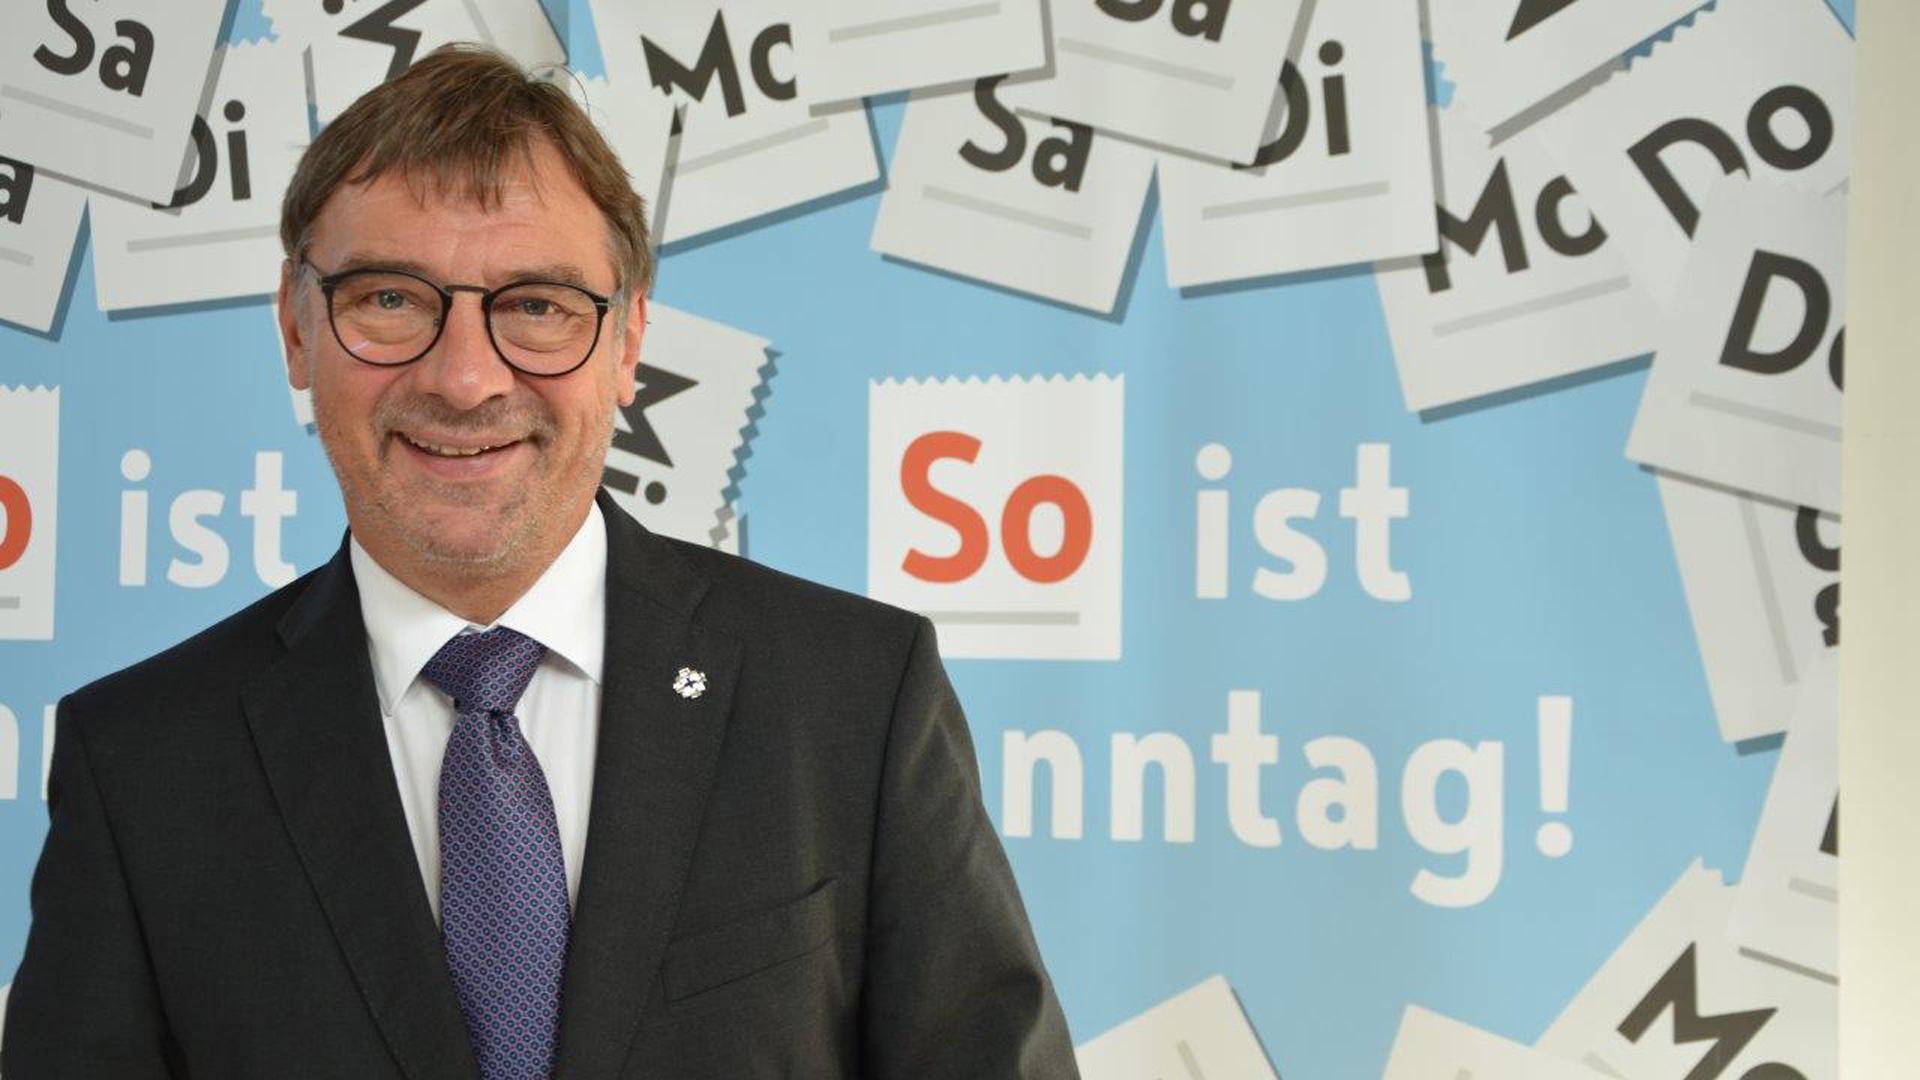 """Freut sich über die """"So ist Sonntag!""""-Aktion: der hessen-nassauische Kirchenpräsident Volker Jung"""